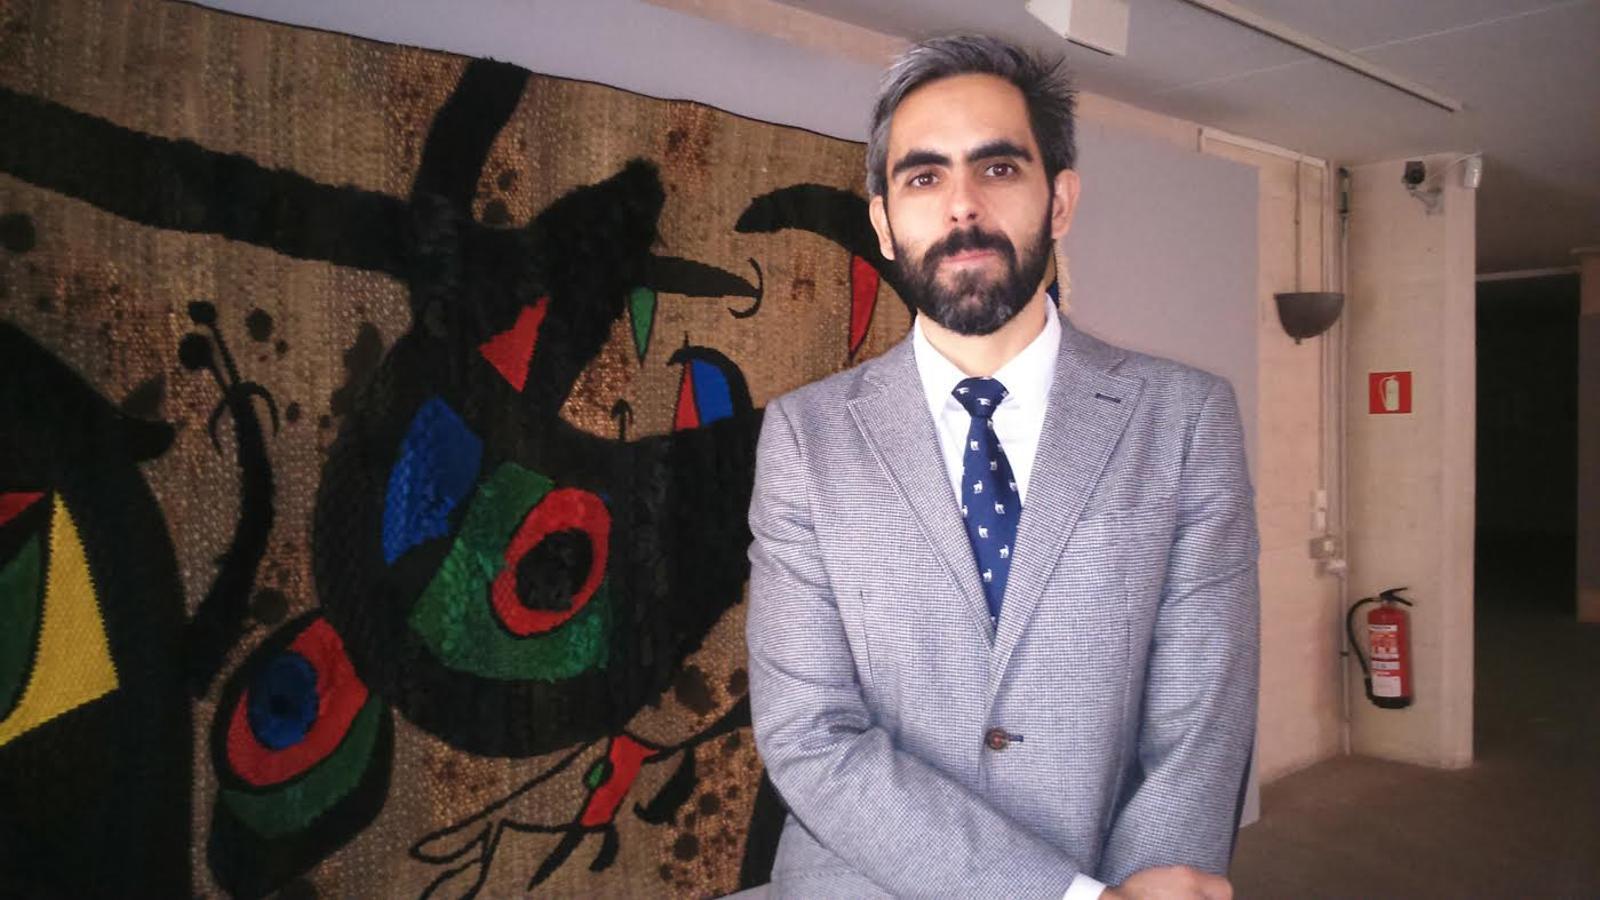 La Fundació Miró aposta per un director sense experiència en gestió cultural